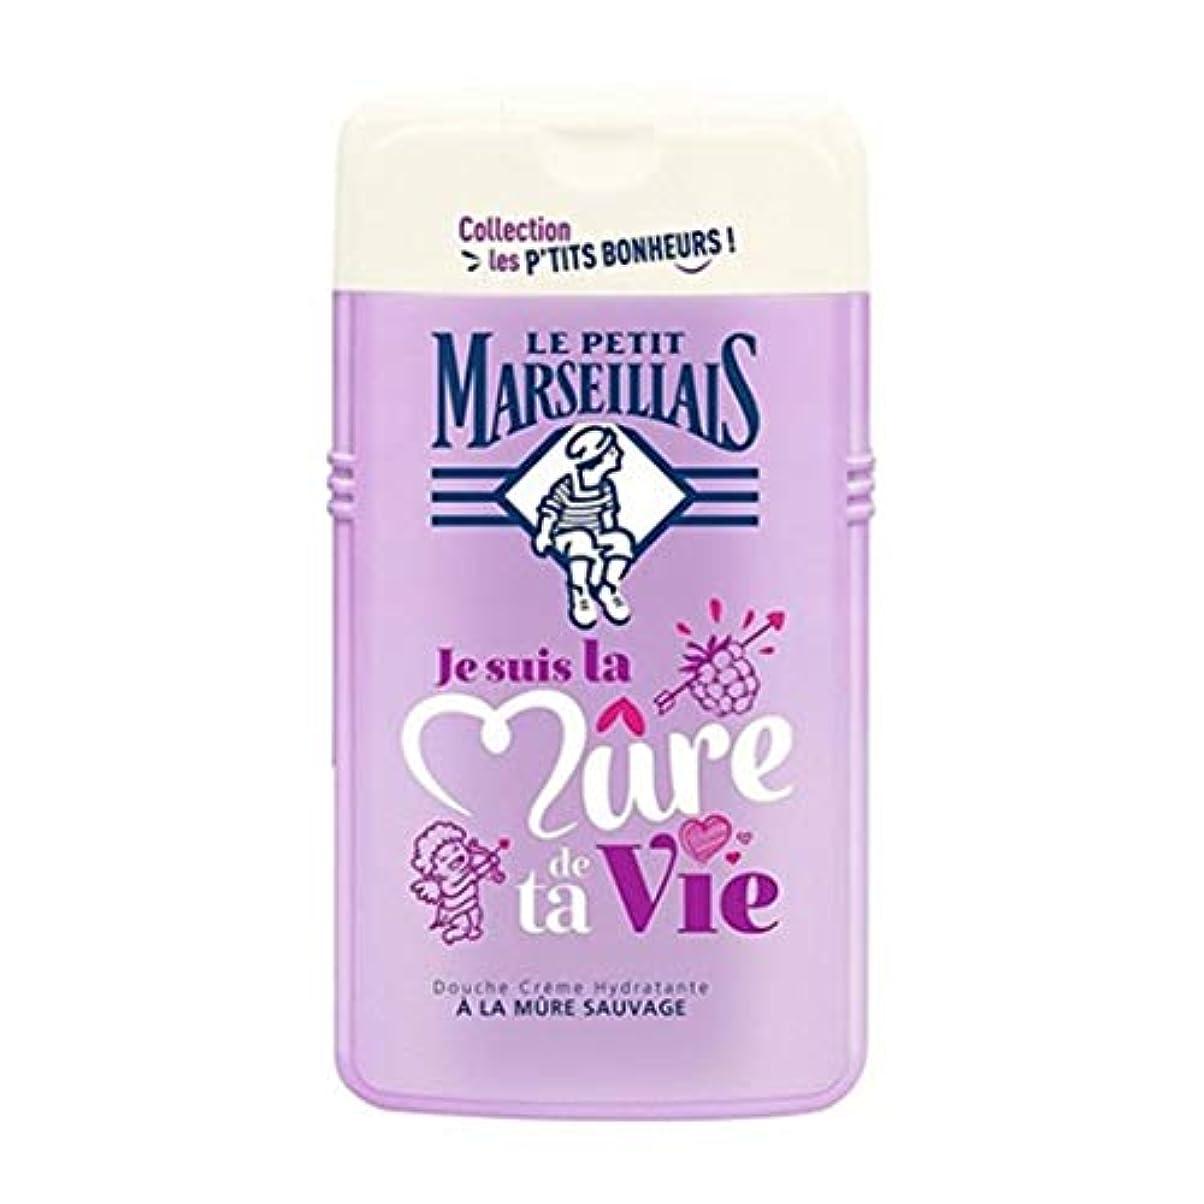 コンプリート希望に満ちた一掃する「ブラックベリー」シャワークリーム ???? フランスの「ル?プティ?マルセイユ (Le Petit Marseillais)」 les P'TITS BONHEURS 250ml ボディウォッシュ